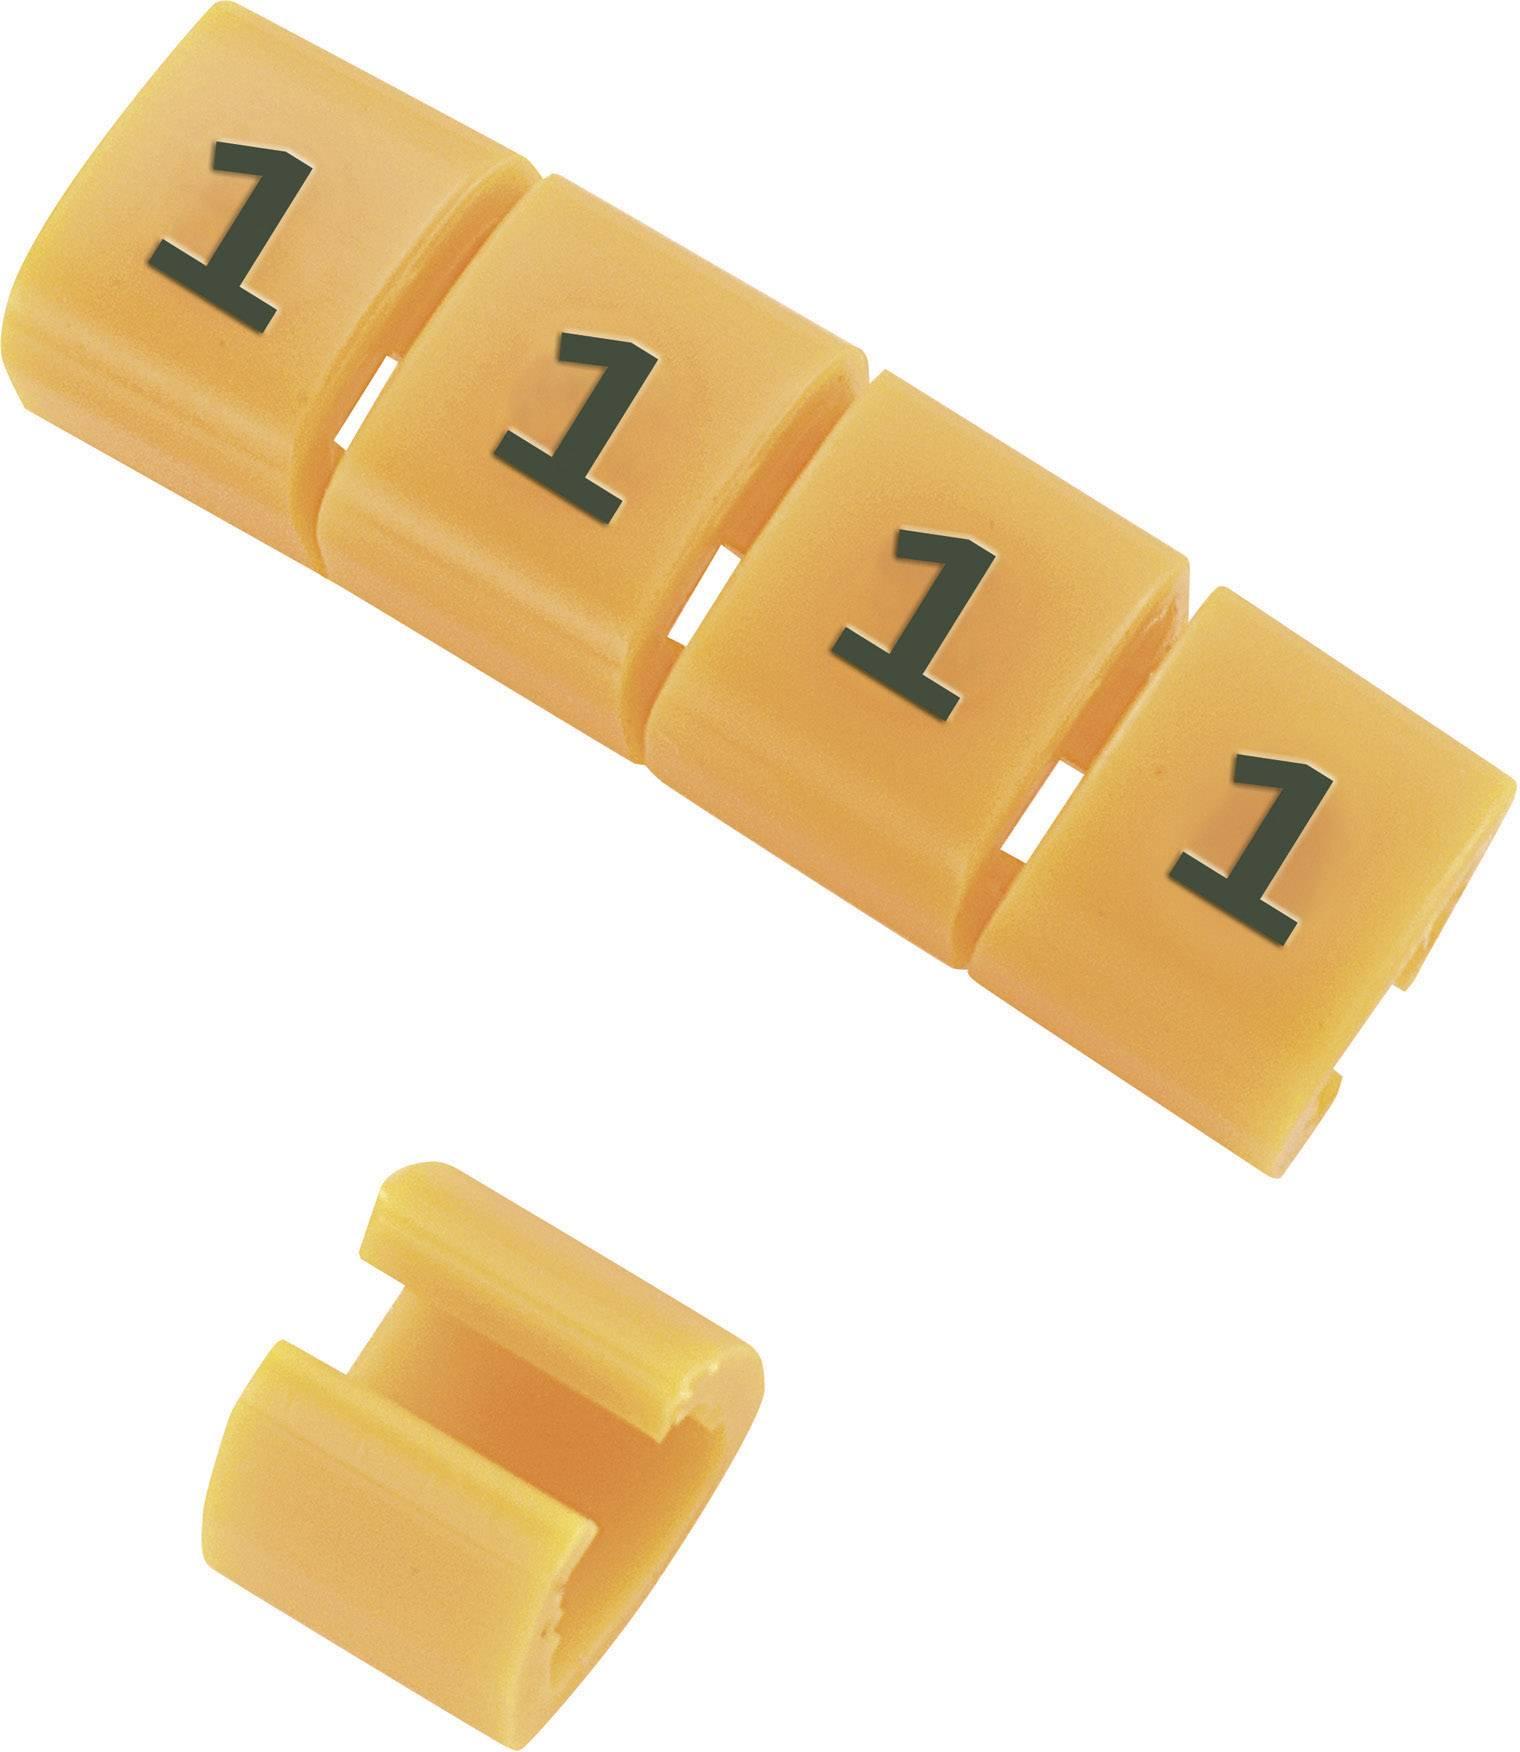 Označovacie objímka na káble KSS MB2/=, oranžová, 10 ks